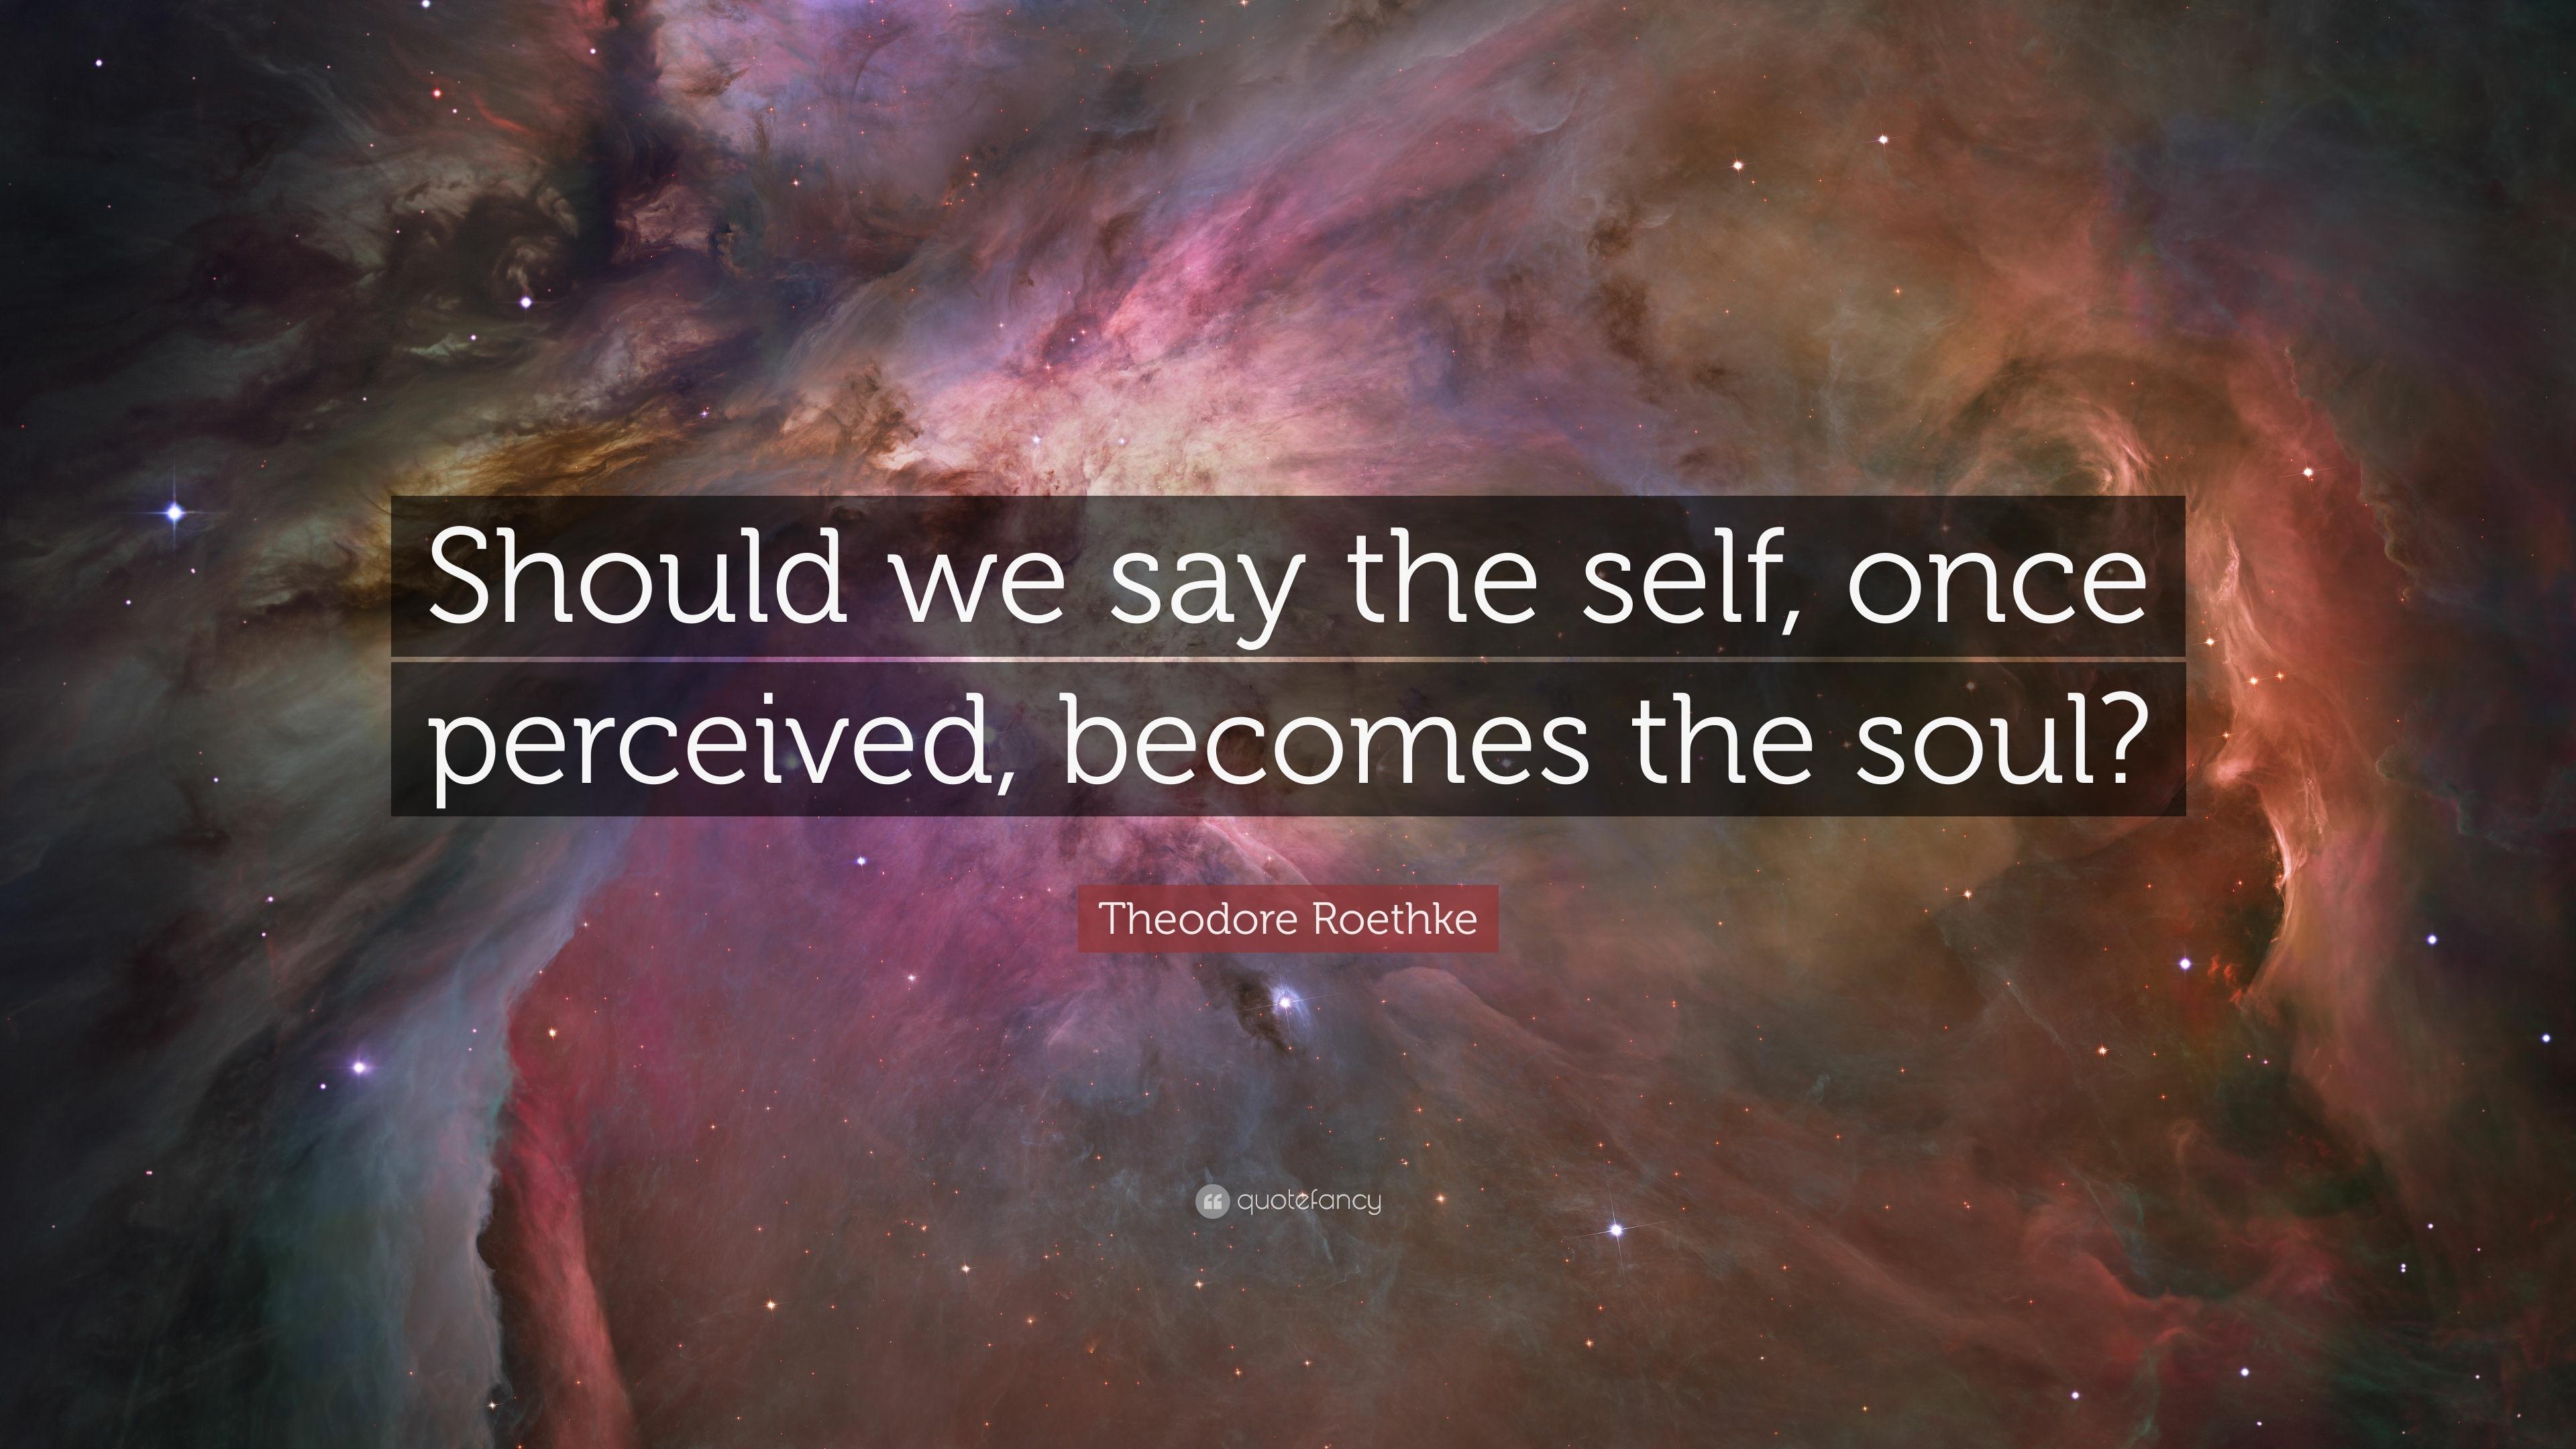 The Self-nourishment of the Soul